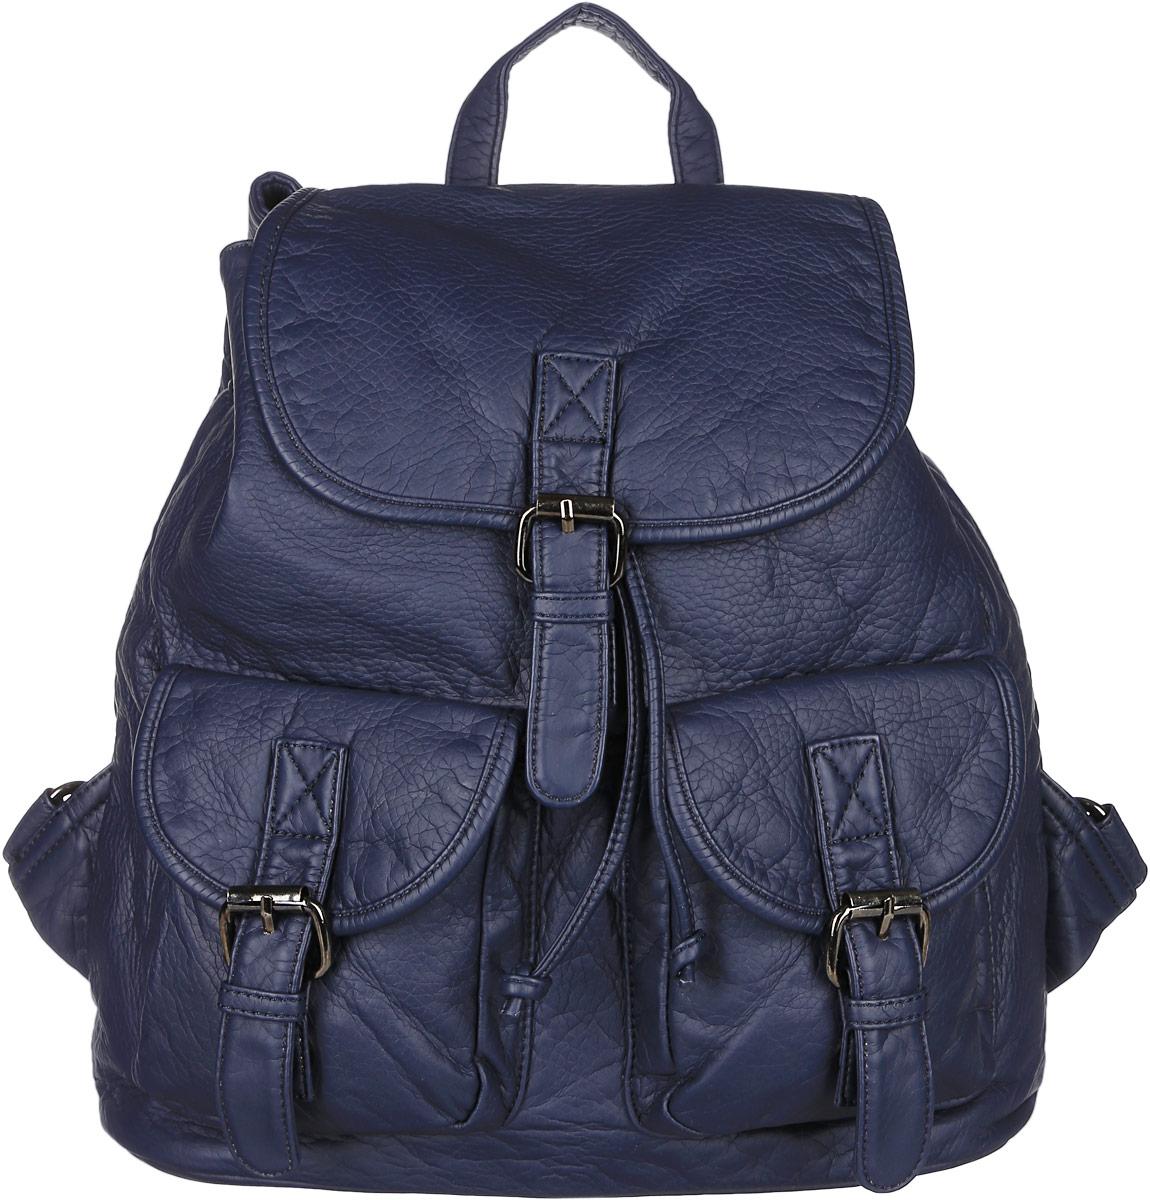 Рюкзак женский Janes Story, цвет: темно-синий. TW-8915-60TW-8915-60Стильный женский рюкзак Janes Story выполнен из искусственной кожи. Изделие содержит отделение, закрывающееся с помощью затягивающего шнурка с фиксатором и клапана с магнитным замком. Внутри расположены: два накладных кармана для мелочей и два кармана на молнии. Спереди рюкзак дополнен двумя карманами, которые застегиваются при помощи хлястиков с пряжками, сзади прорезным карманом на молнии. Рюкзак оснащен удобными лямками регулируемой длины, а также петлей для подвешивания. Оригинальный аксессуар позволит вам завершить образ и быть неотразимой.